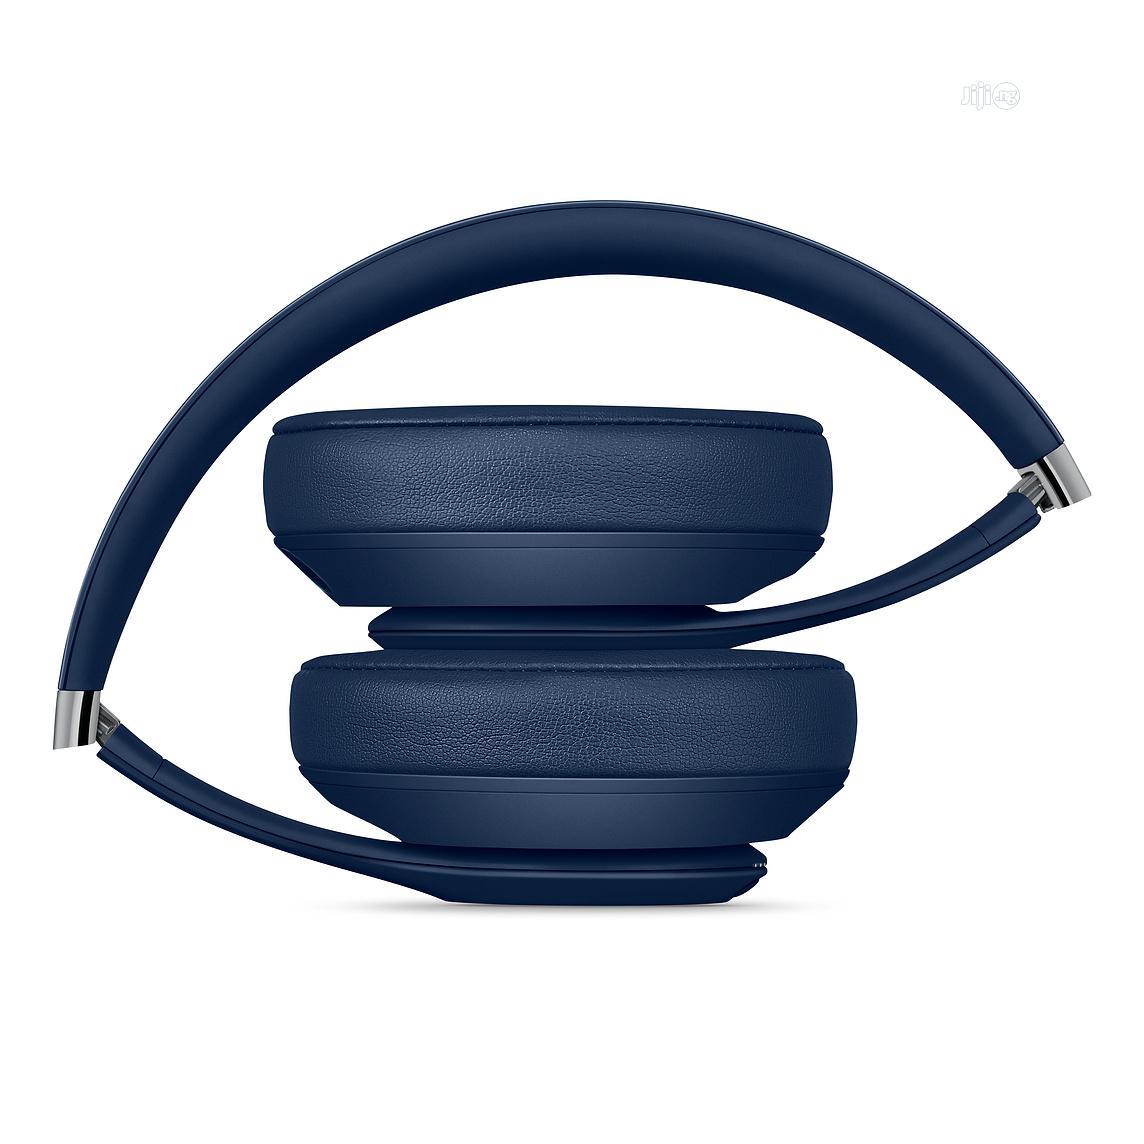 Original Beats Studio 3 Wireless Headphones | Headphones for sale in Ikeja, Lagos State, Nigeria